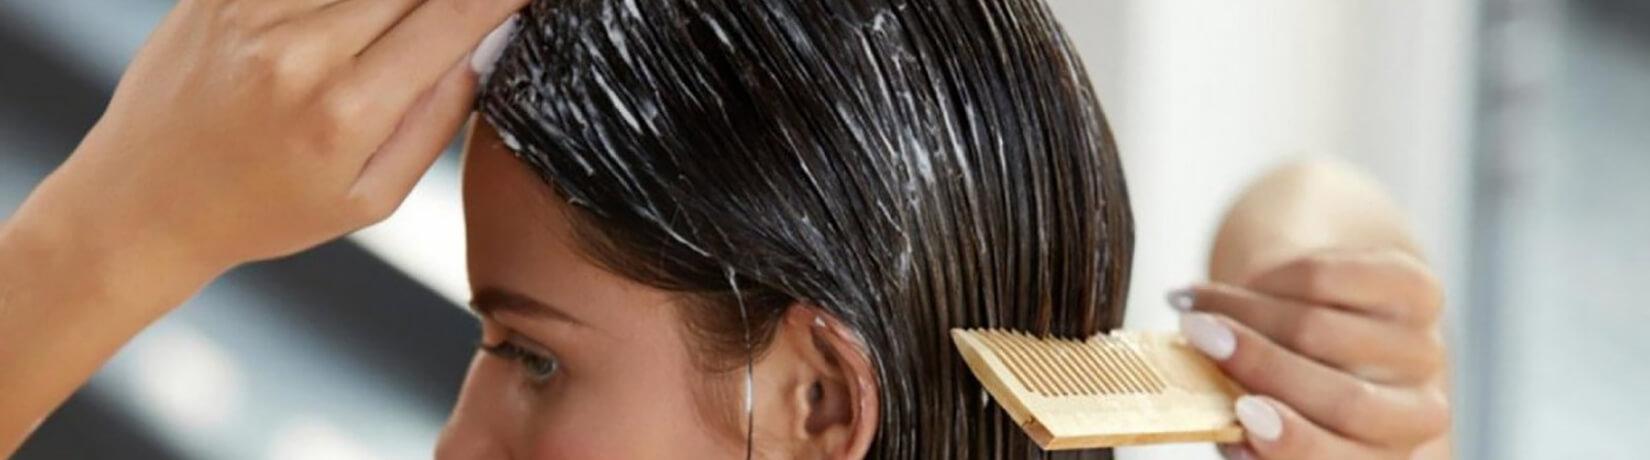 Бальзами для волосся: коли і навіщо використовувати